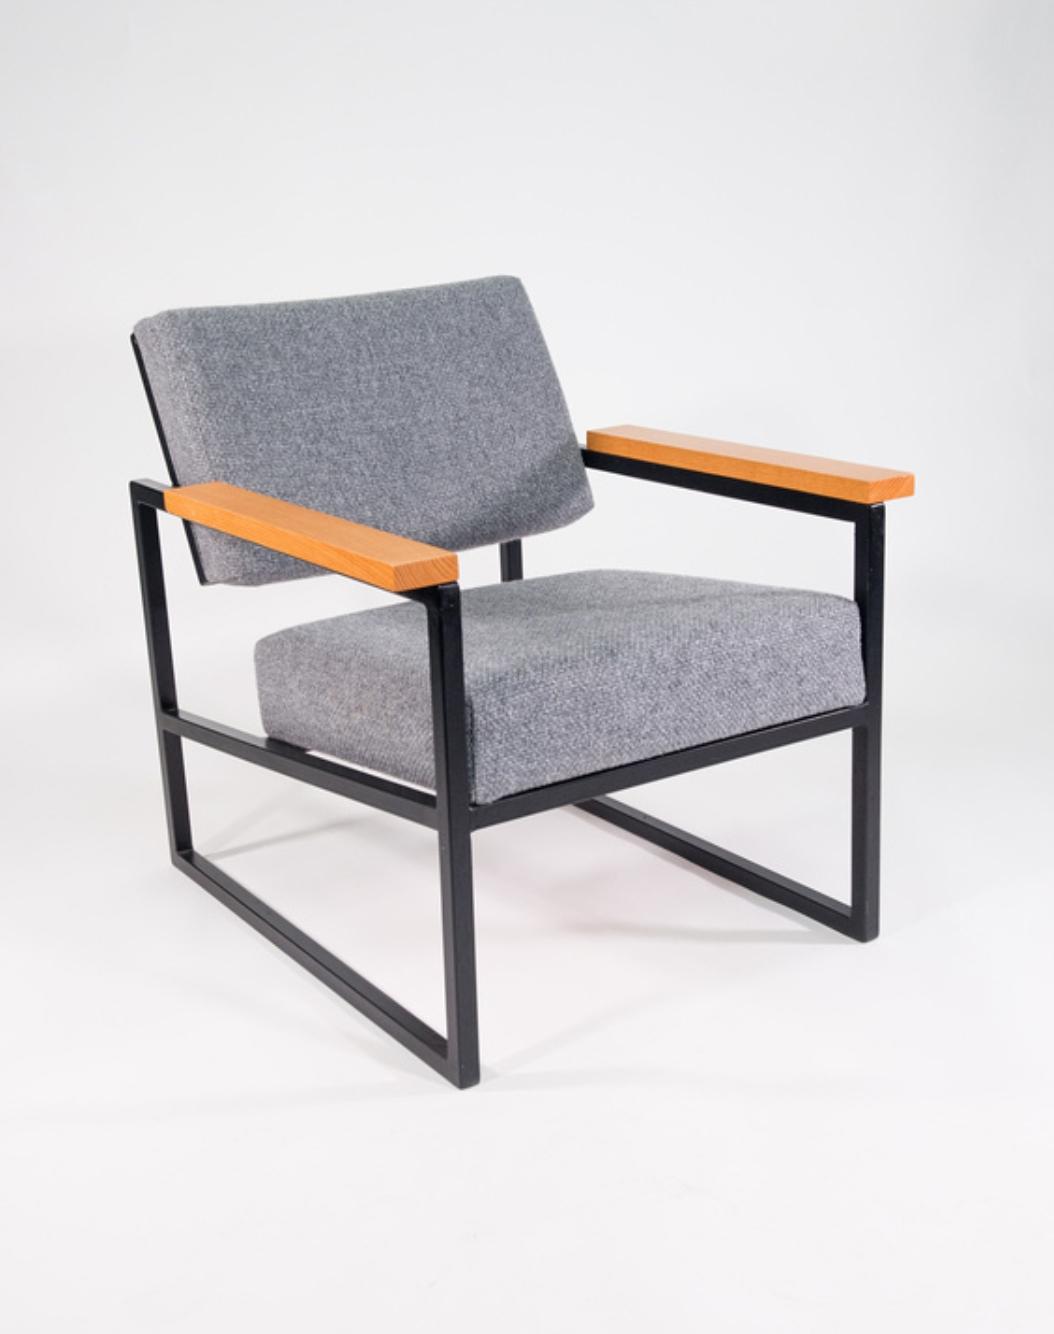 steel chair1.jpg